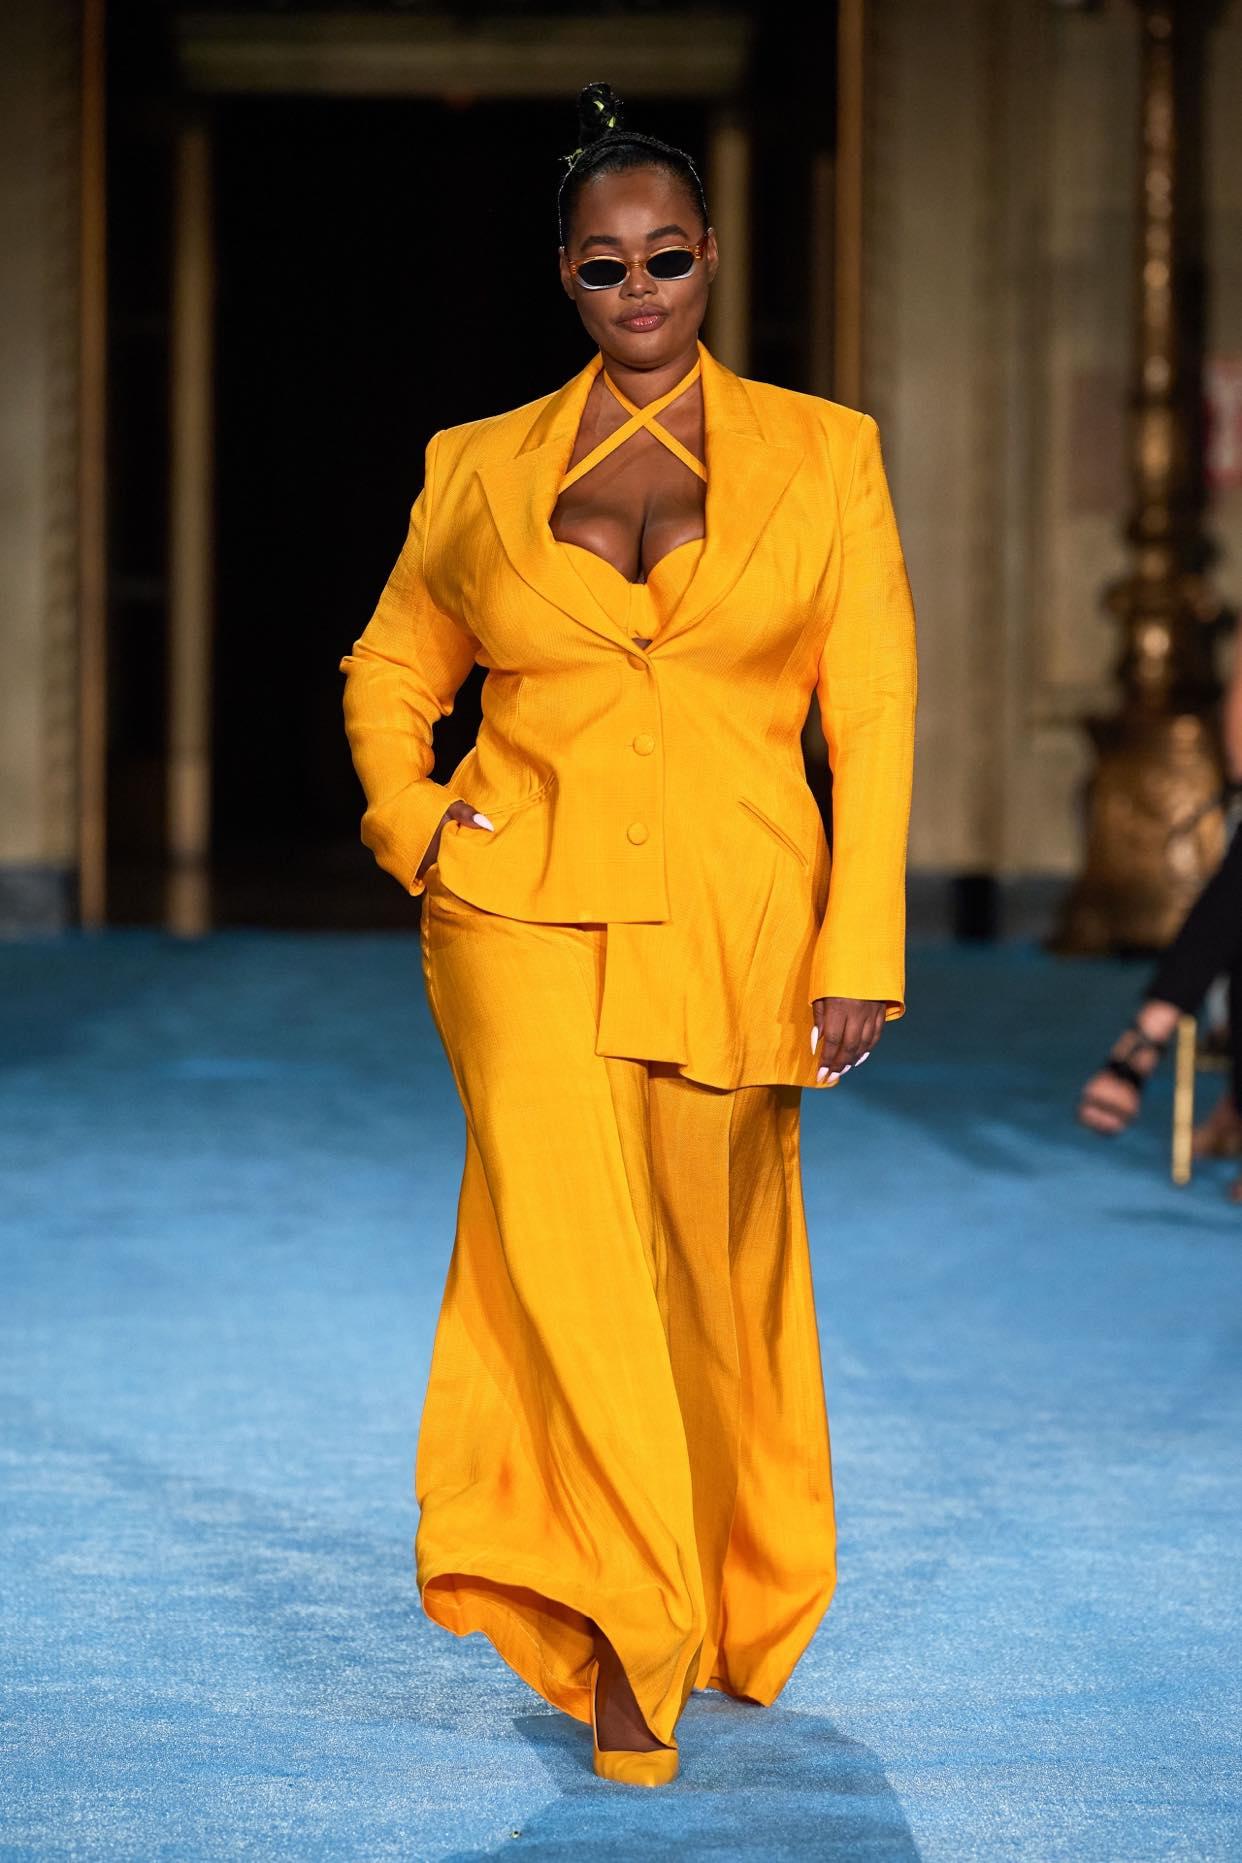 Christian Sirano thời trang xuân hè 2022 look1